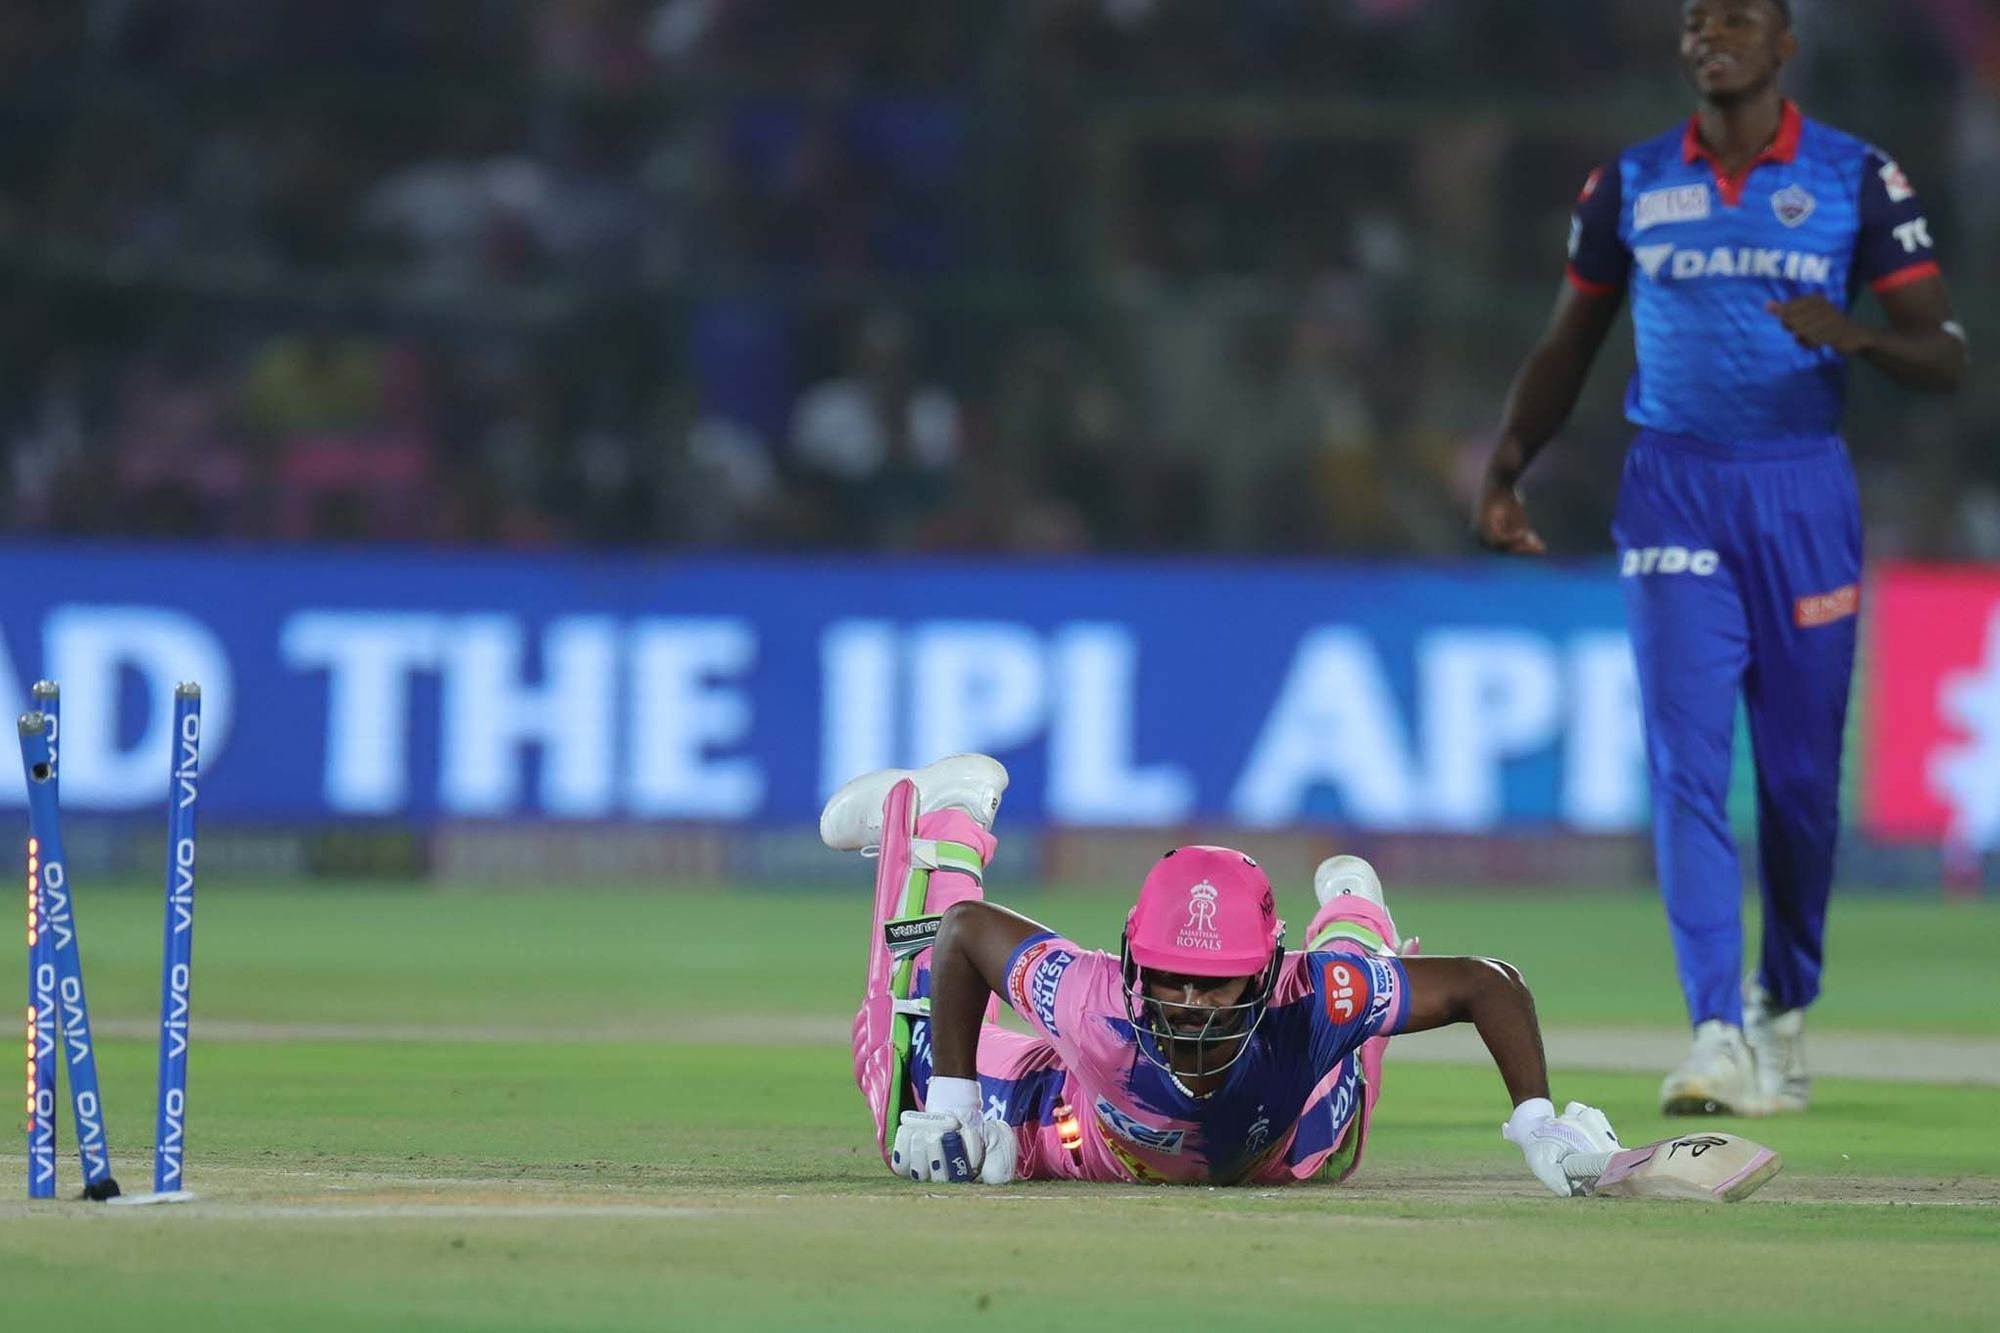 आईपीएल 2019: DC vs RR: 4.2 ओवर में अपनी इस बड़ी गलती के चलते रन आउट हुए संजू सैमसन, वीडियो देख नहीं रुकेगी आपकी हंसी 3